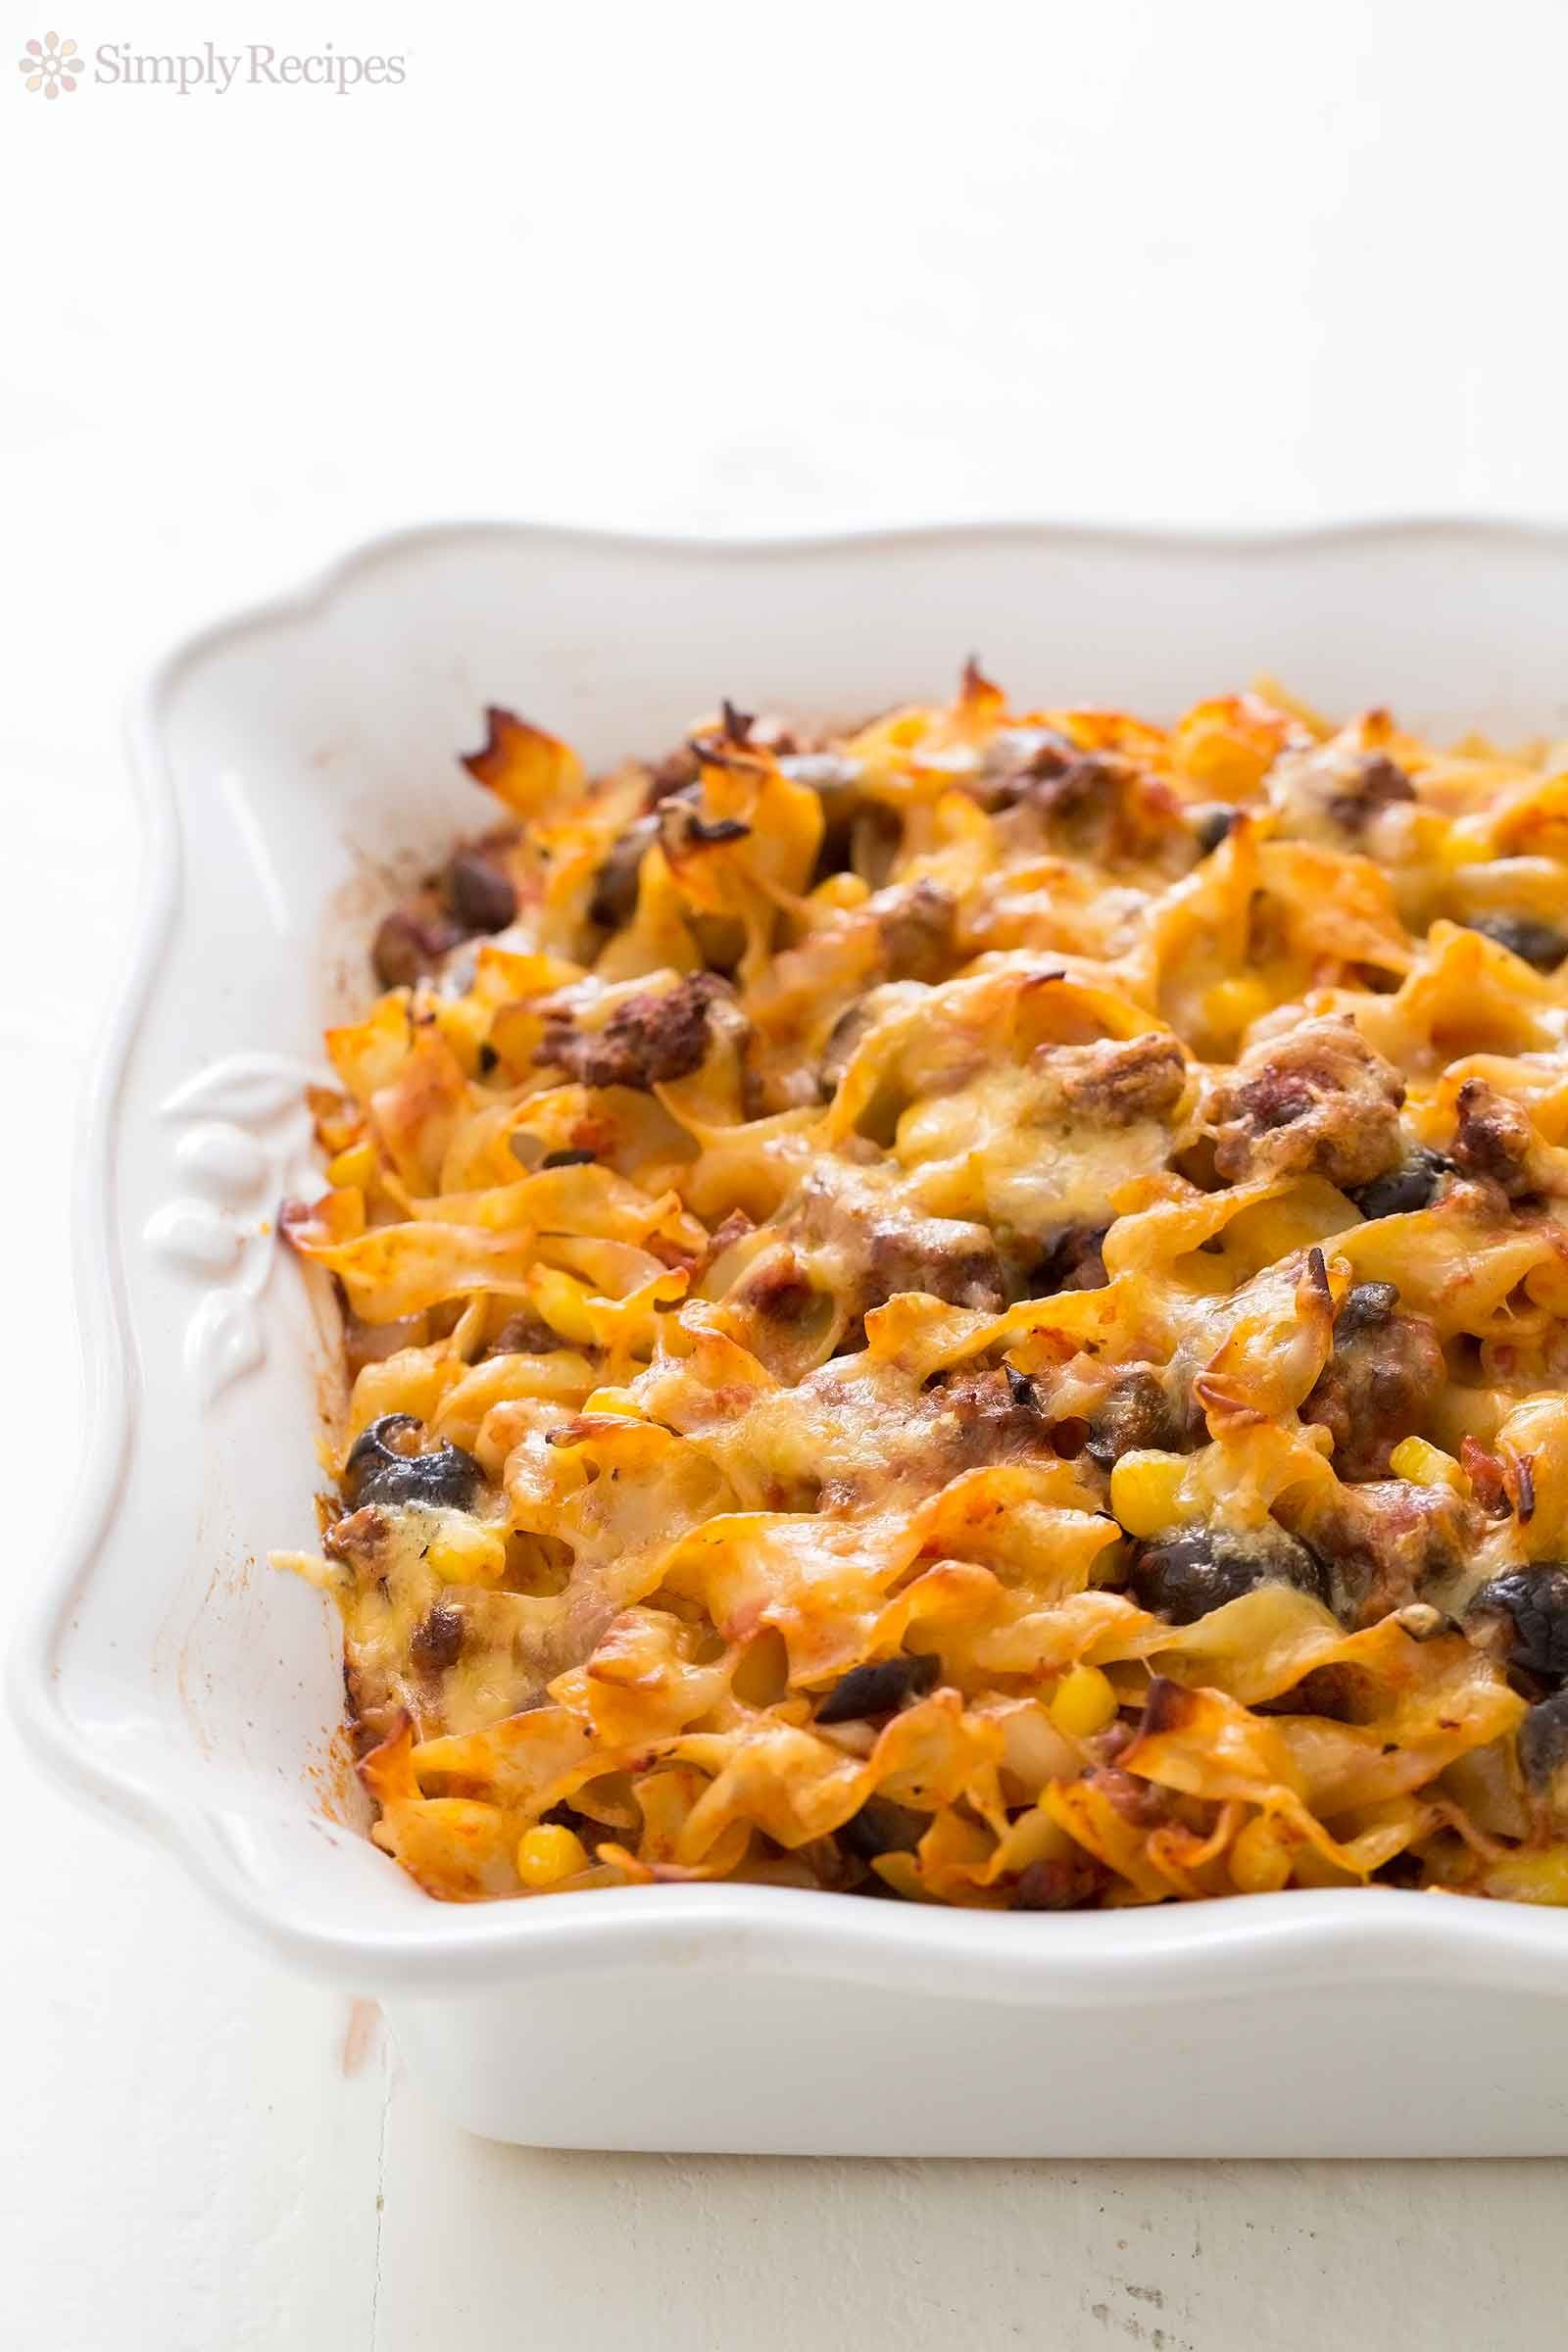 Beef Noodle Casserole Recipe Simplyrecipes Com Recipe Beef Noodle Casserole Noodle Casserole Recipes Noodle Casserole